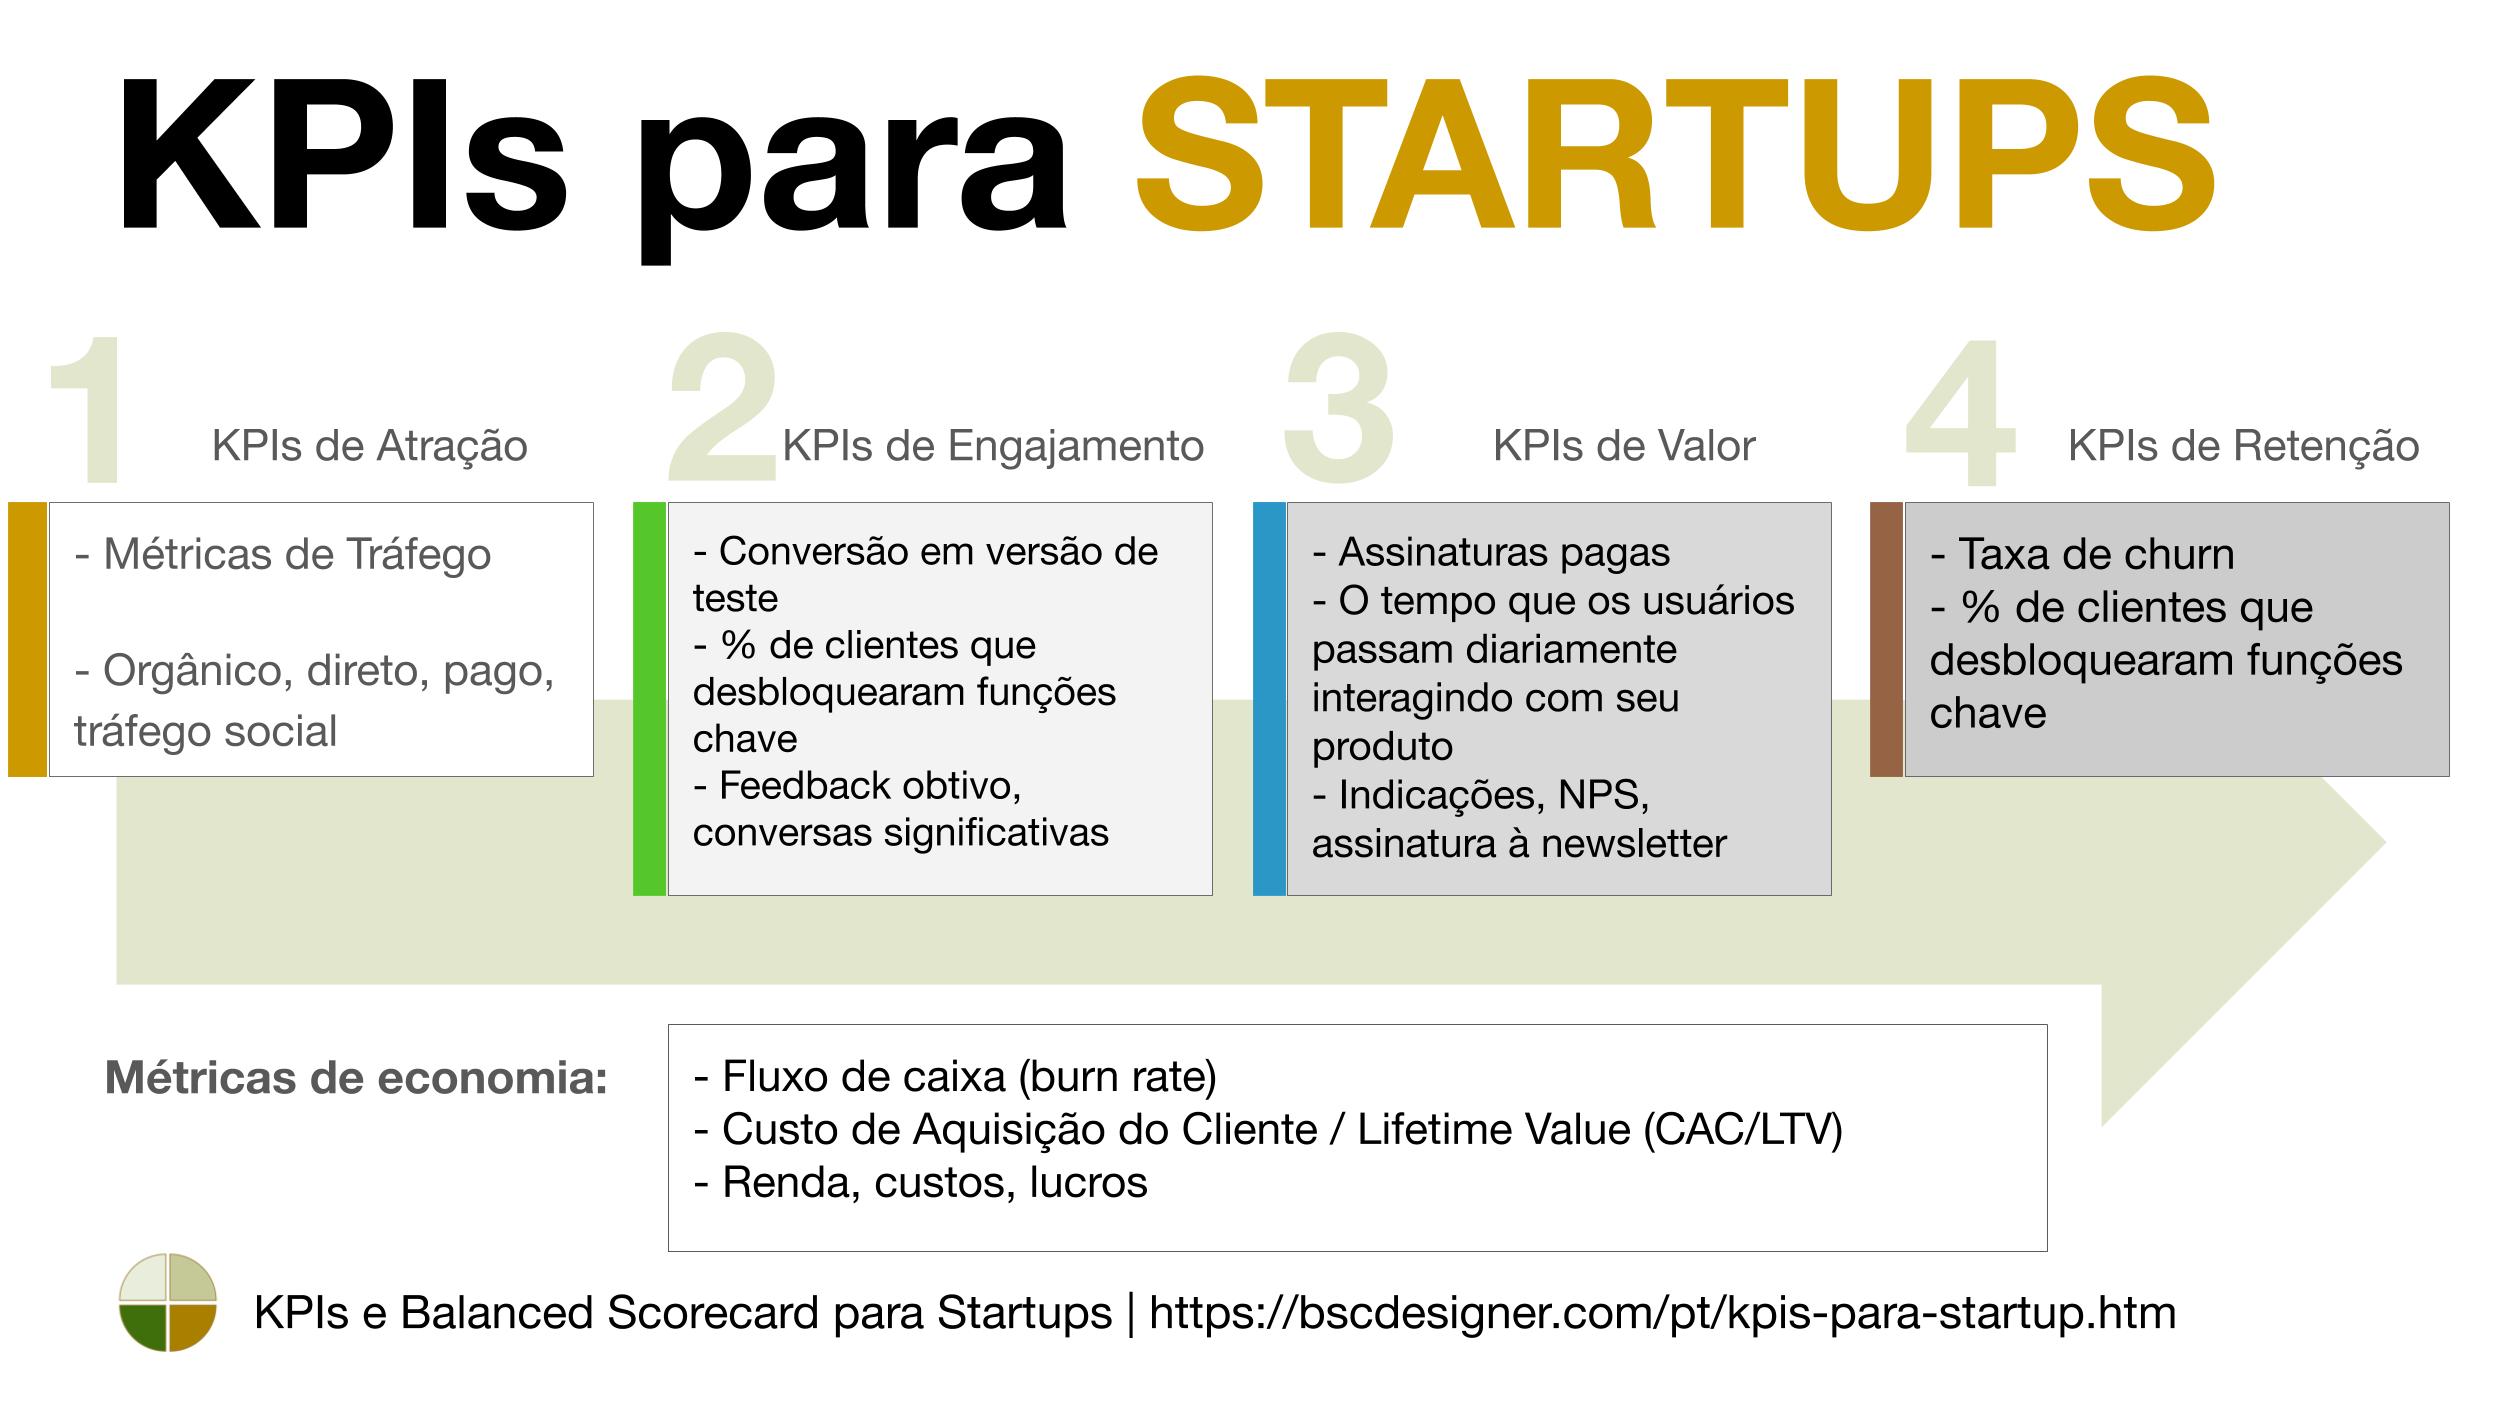 KPIs para Startups explicados pelo BSC Designer